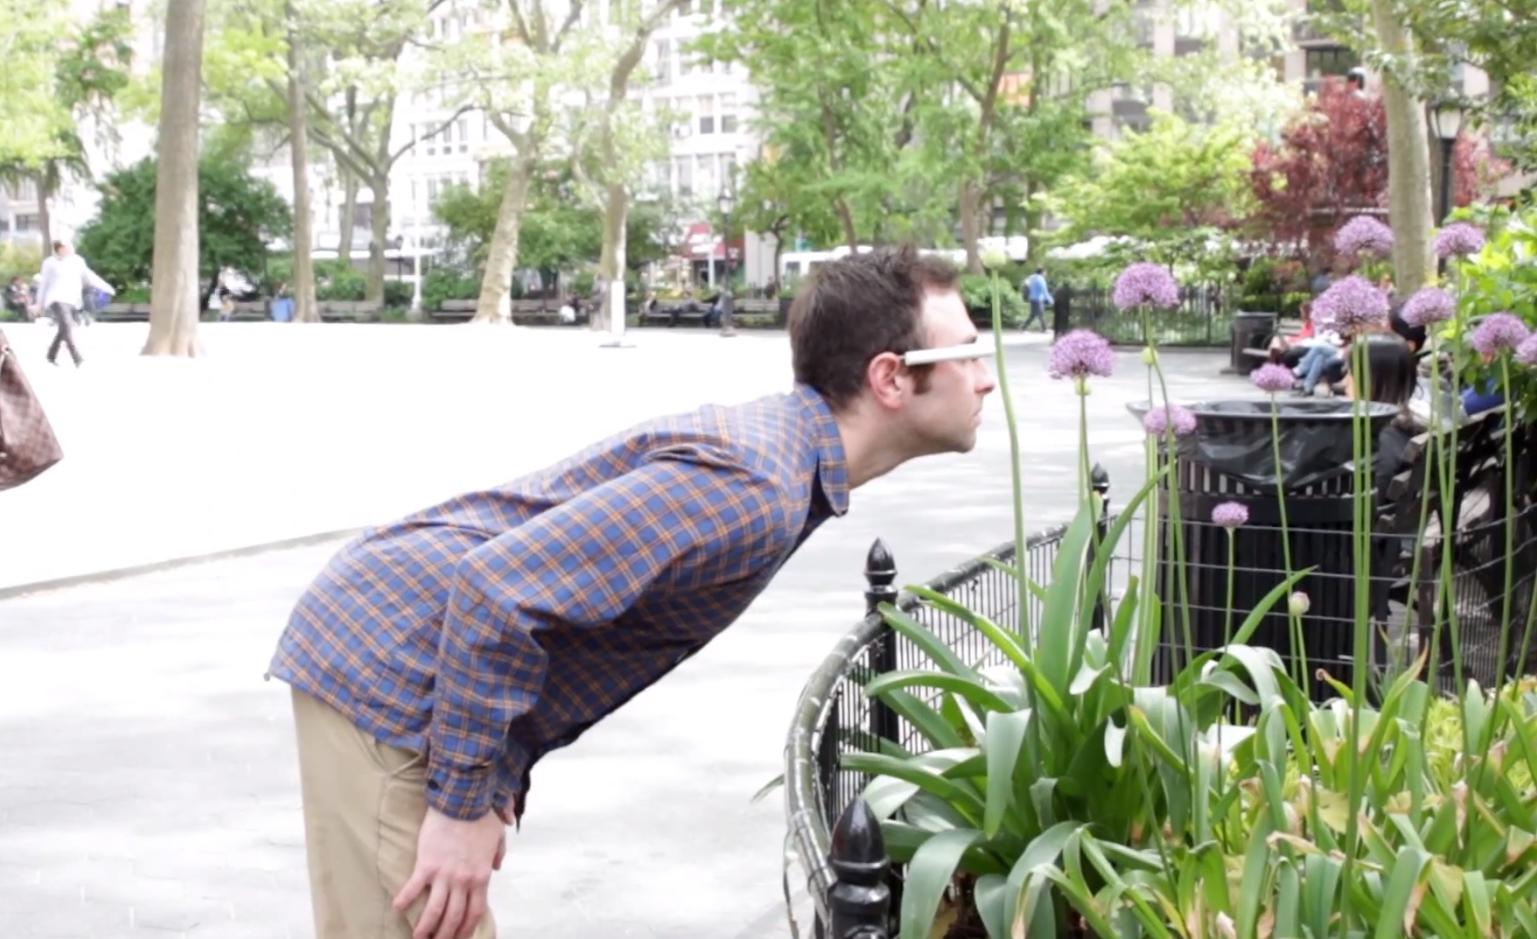 E' davvero complicato fotografare con i Google Glass? Forse!